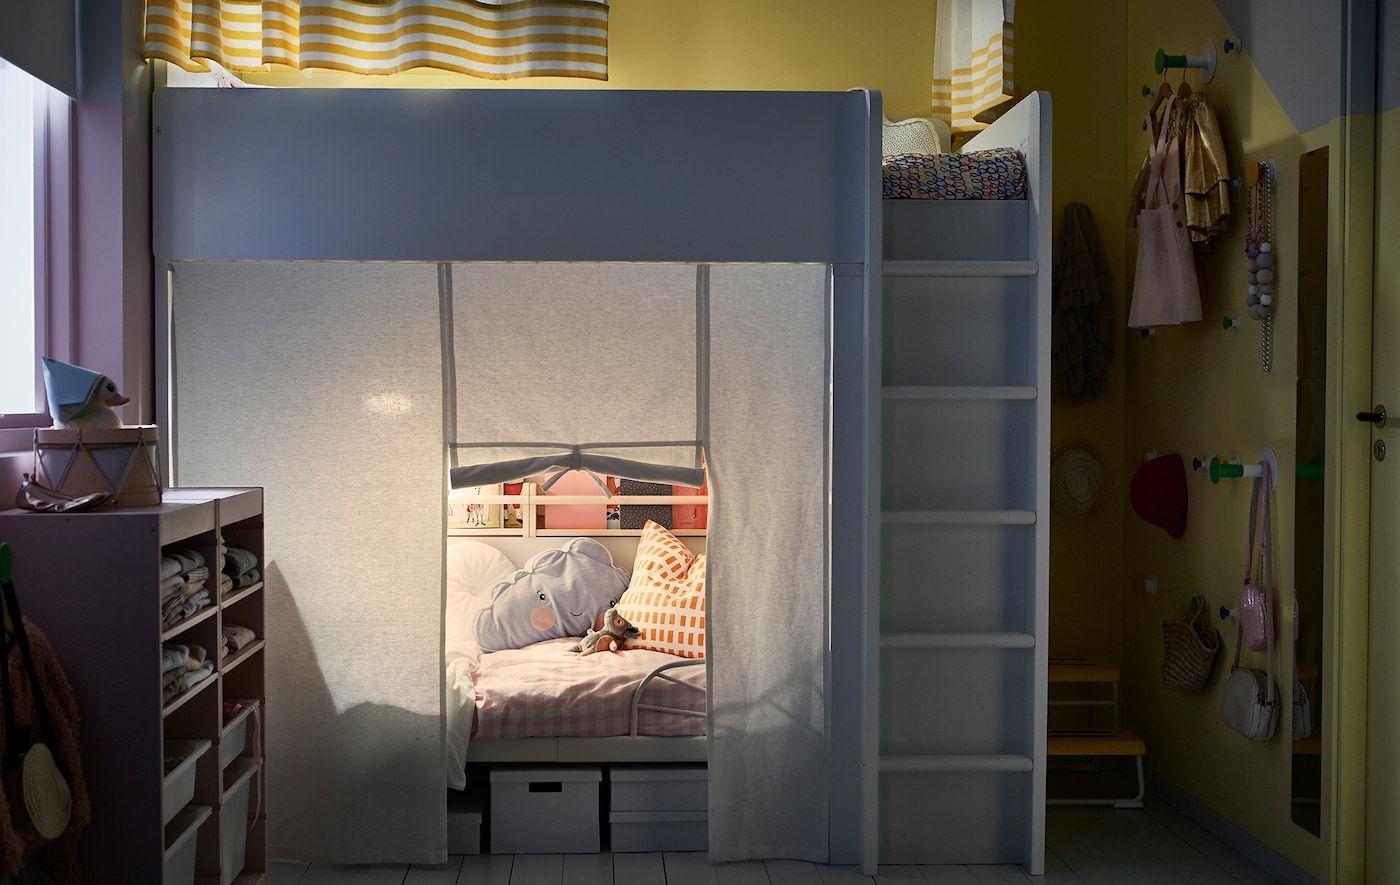 Privatsphäre in geteiltem Kinderzimmer (mit Bildern